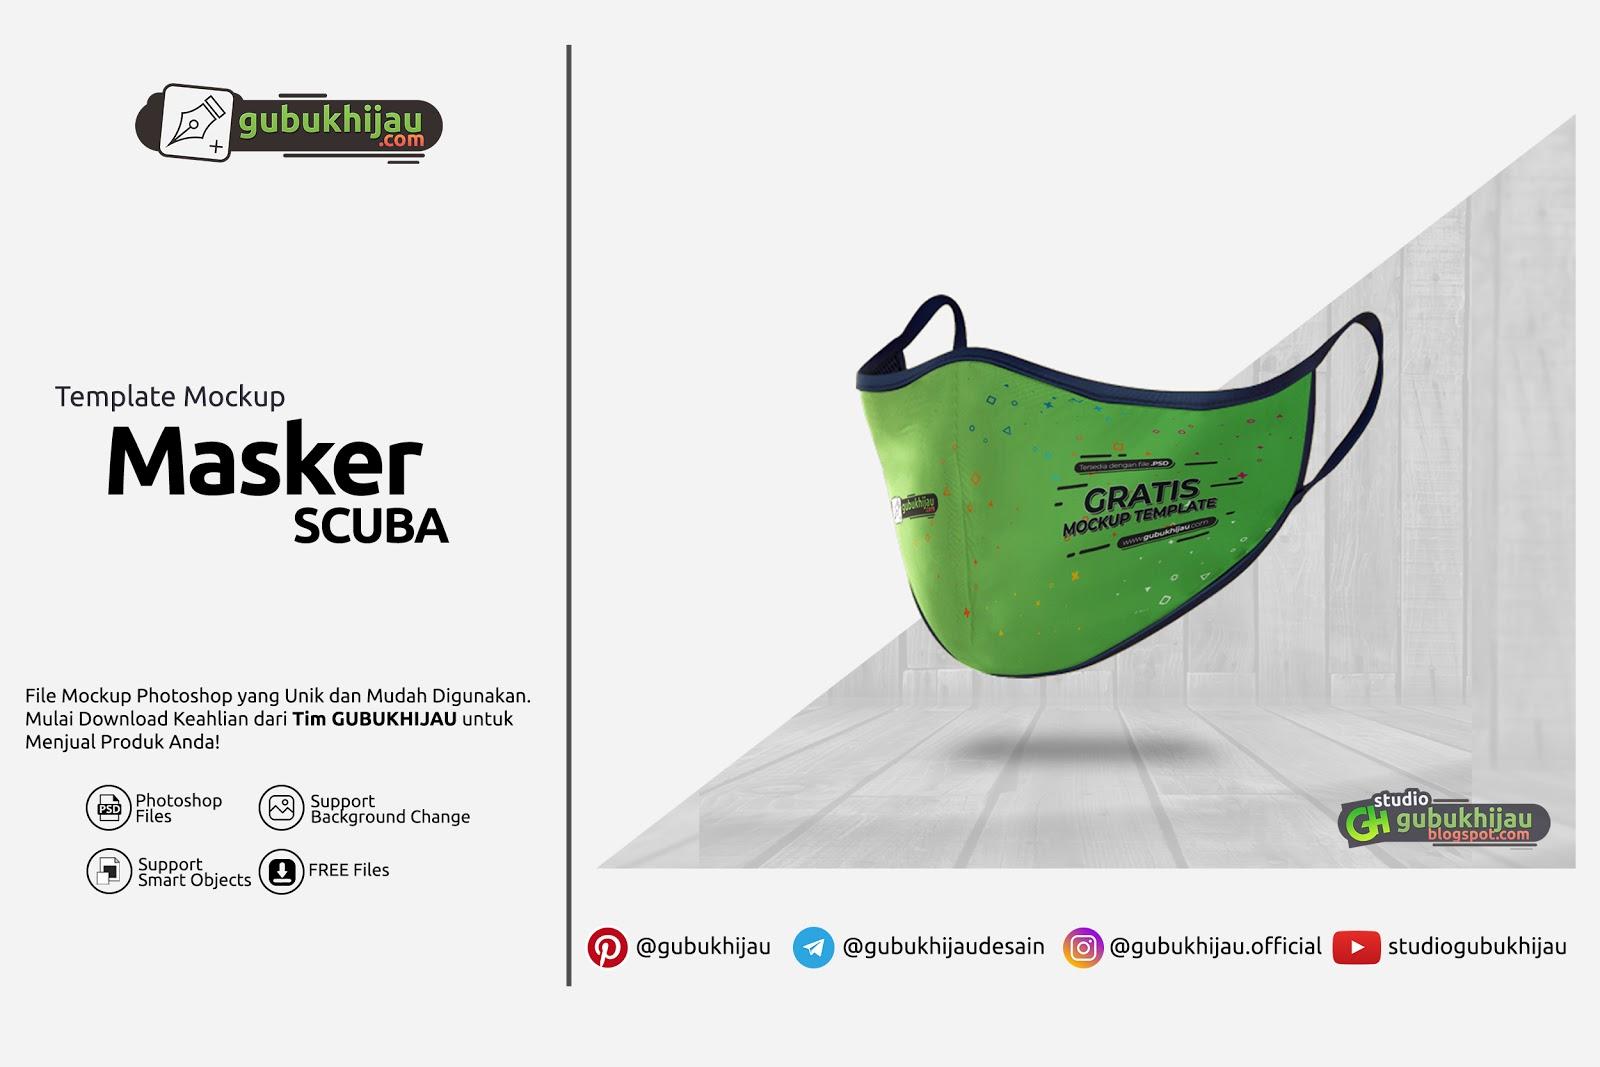 Mockup Masker Scuba by gubukhijau - Gubukhijau | Official